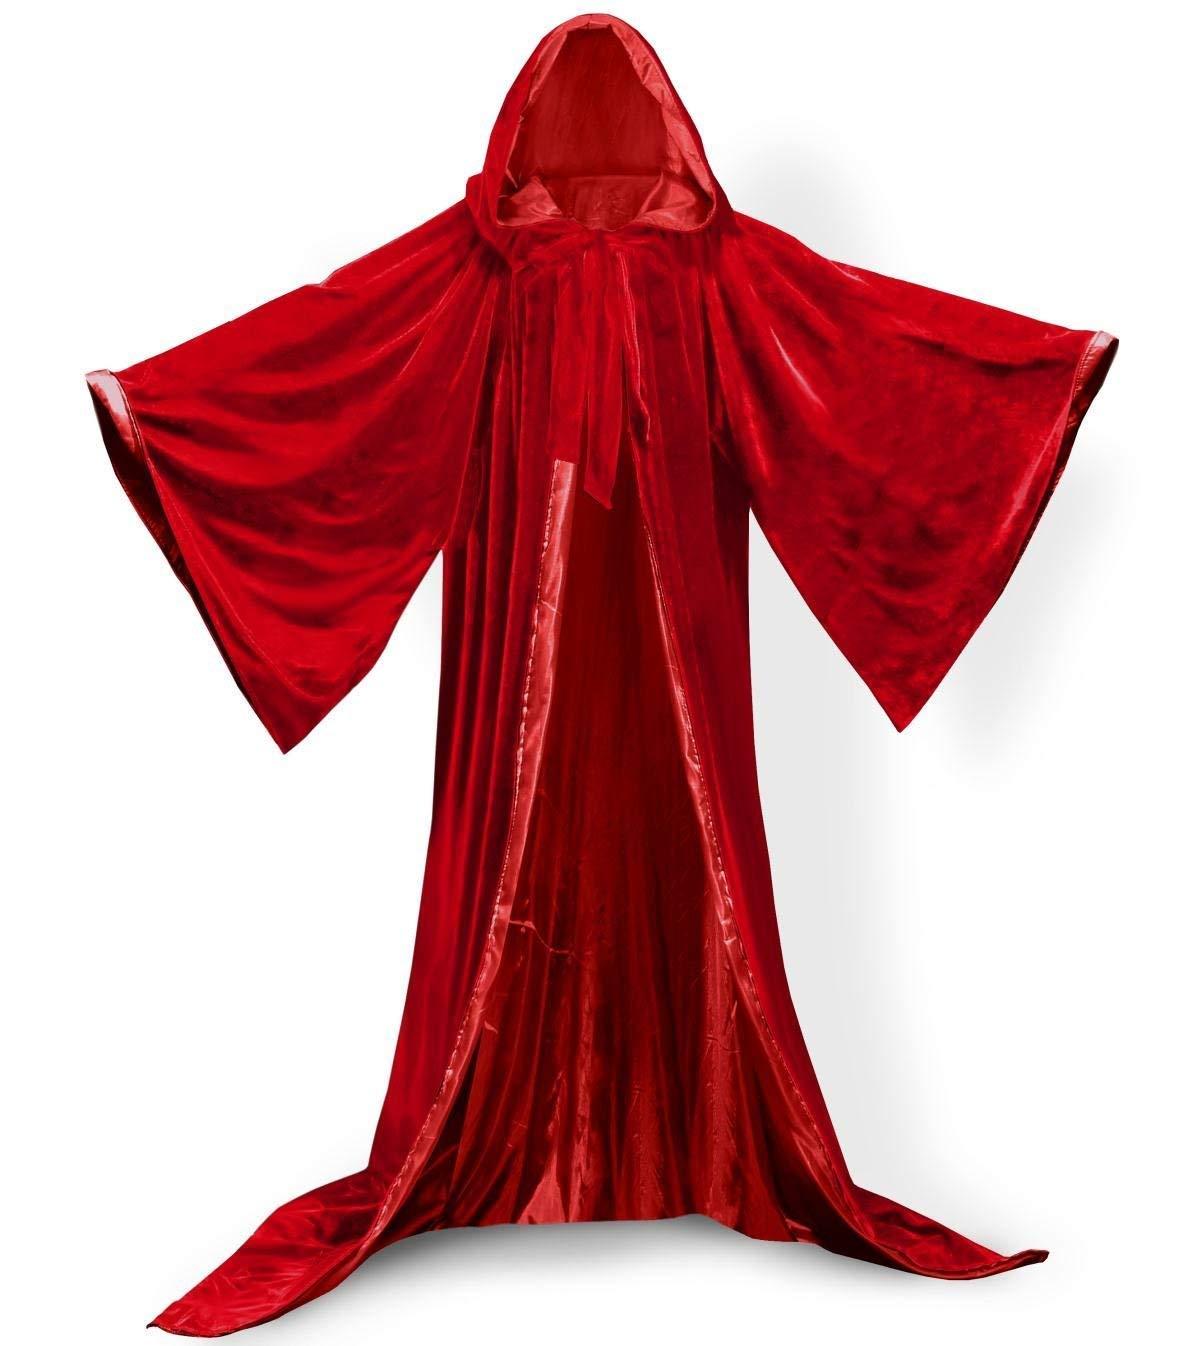 ShineGown Rot Mittelalterliche Zauberer Robe Hauben Halloween Mantel mit Langen Armeln SAMT Maskerade Fuer Weihnachtsfeier Kostum Ball Gothic Voller Lange Kap Cosplay Fancy Coat Viele Farben B07HHRHTPH Mäntel, Umhänge & Flügel für Erwachsene Hohe Sicherhe